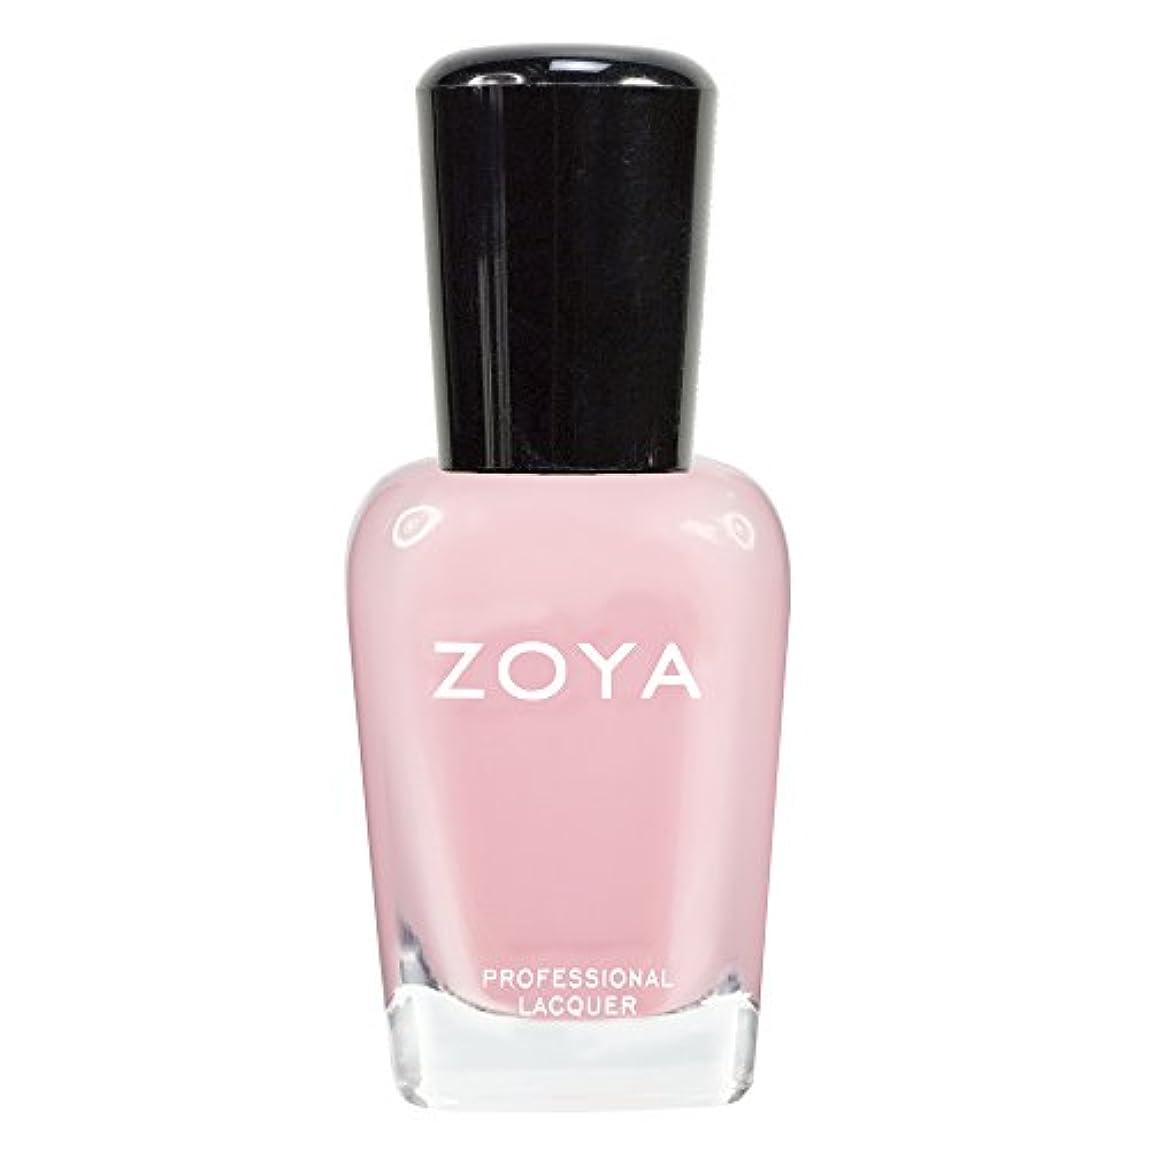 体プロットカトリック教徒ZOYA ゾーヤ ネイルカラーZP433 LAURIE ローリー 15ml 可愛く色づく桜の花ようなピンク シアー/クリーム 爪にやさしいネイルラッカーマニキュア